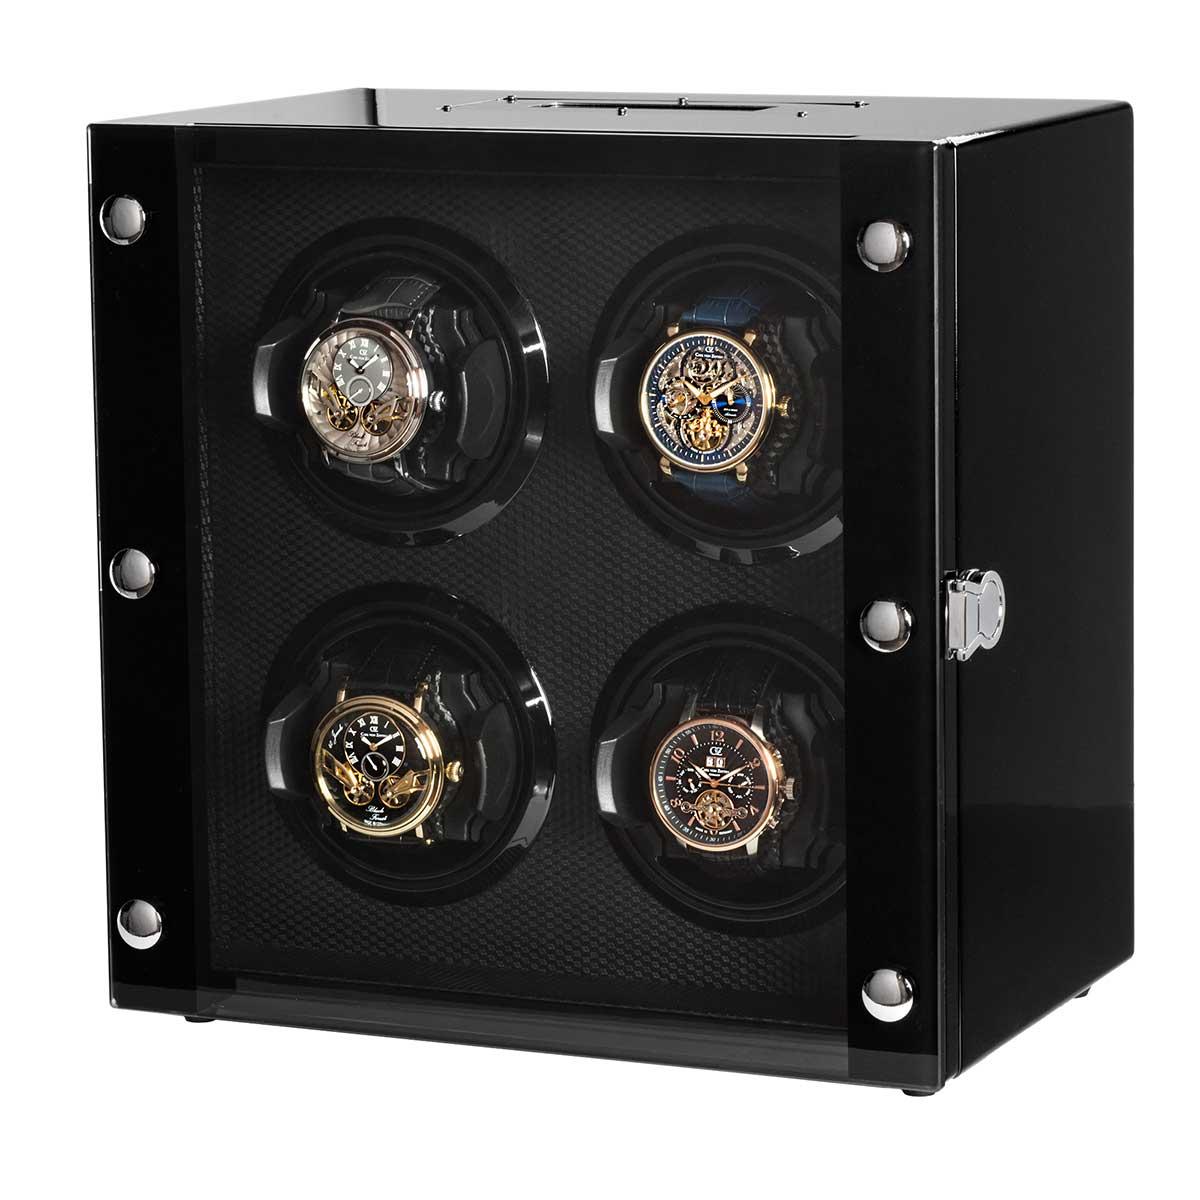 ウォッチワインダー ワインディングマシーン ROTHENSCHILD/ローテンシルト 収納本数:4本 [ RS-2108-BK ] 並行輸入品 ドイツ製 腕時計ワインダー 自動巻腕時計用 本体カラー:ブラック(黒色) 内側色:ブラック